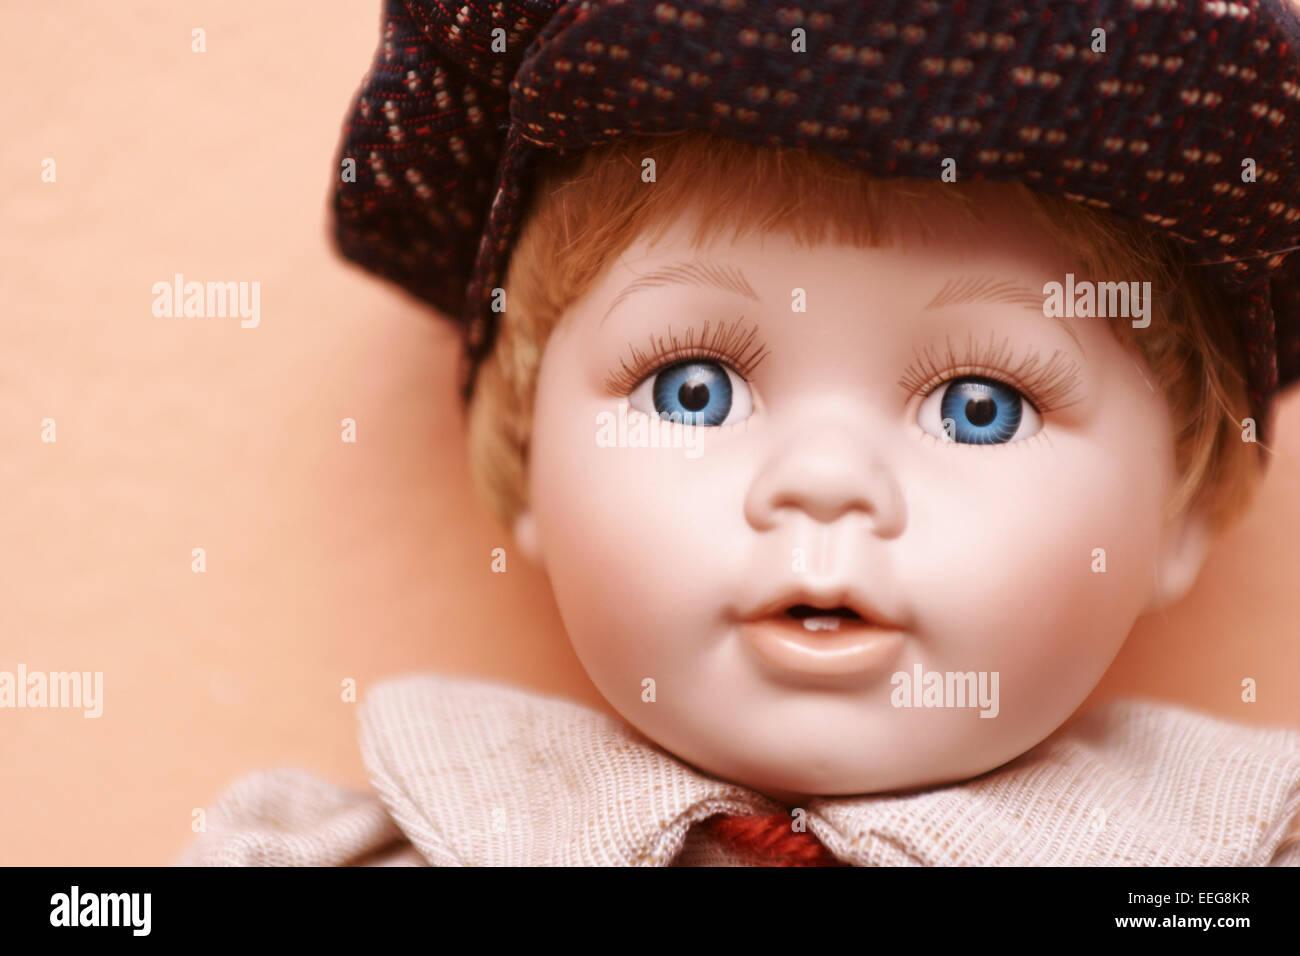 Puppe, Augenfarbe blau, laecheln, Portrait, Spielzeug, Babypuppe, Augen, Schlafaugen, Konzept, Kindheit, Erinnerungen, Stock Photo